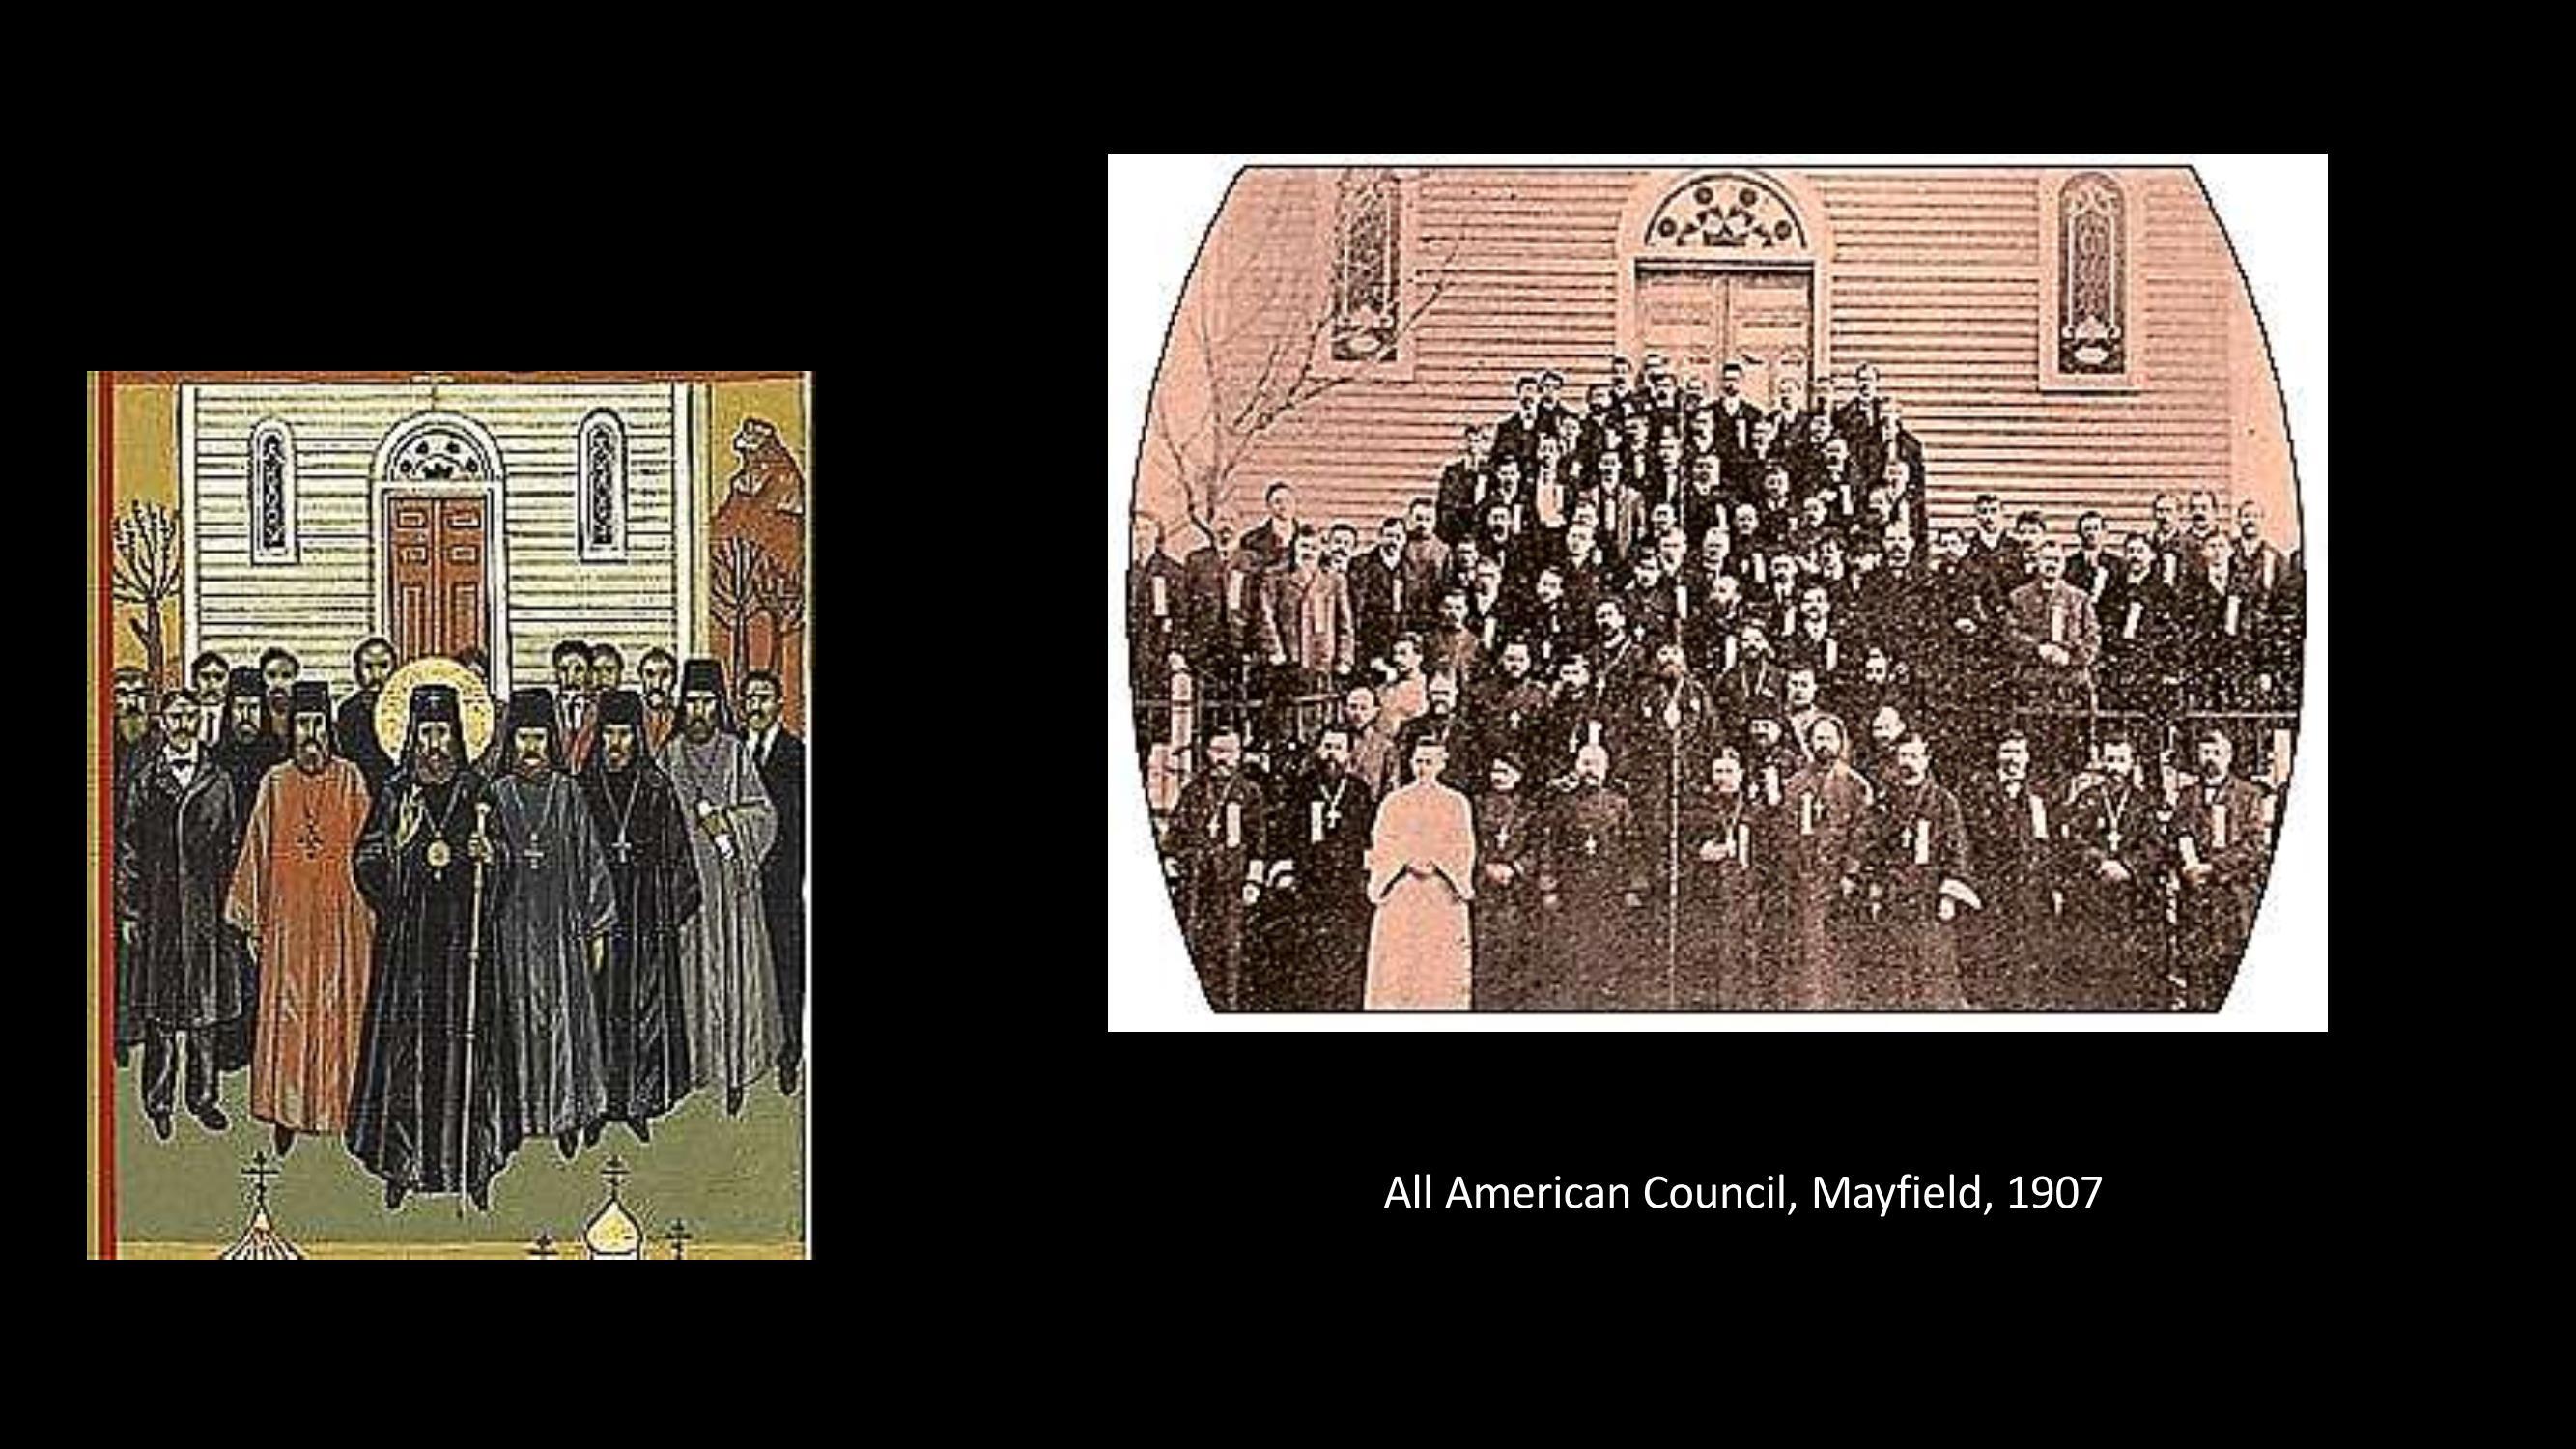 [12] Concilio americano, Mayfield, 1907